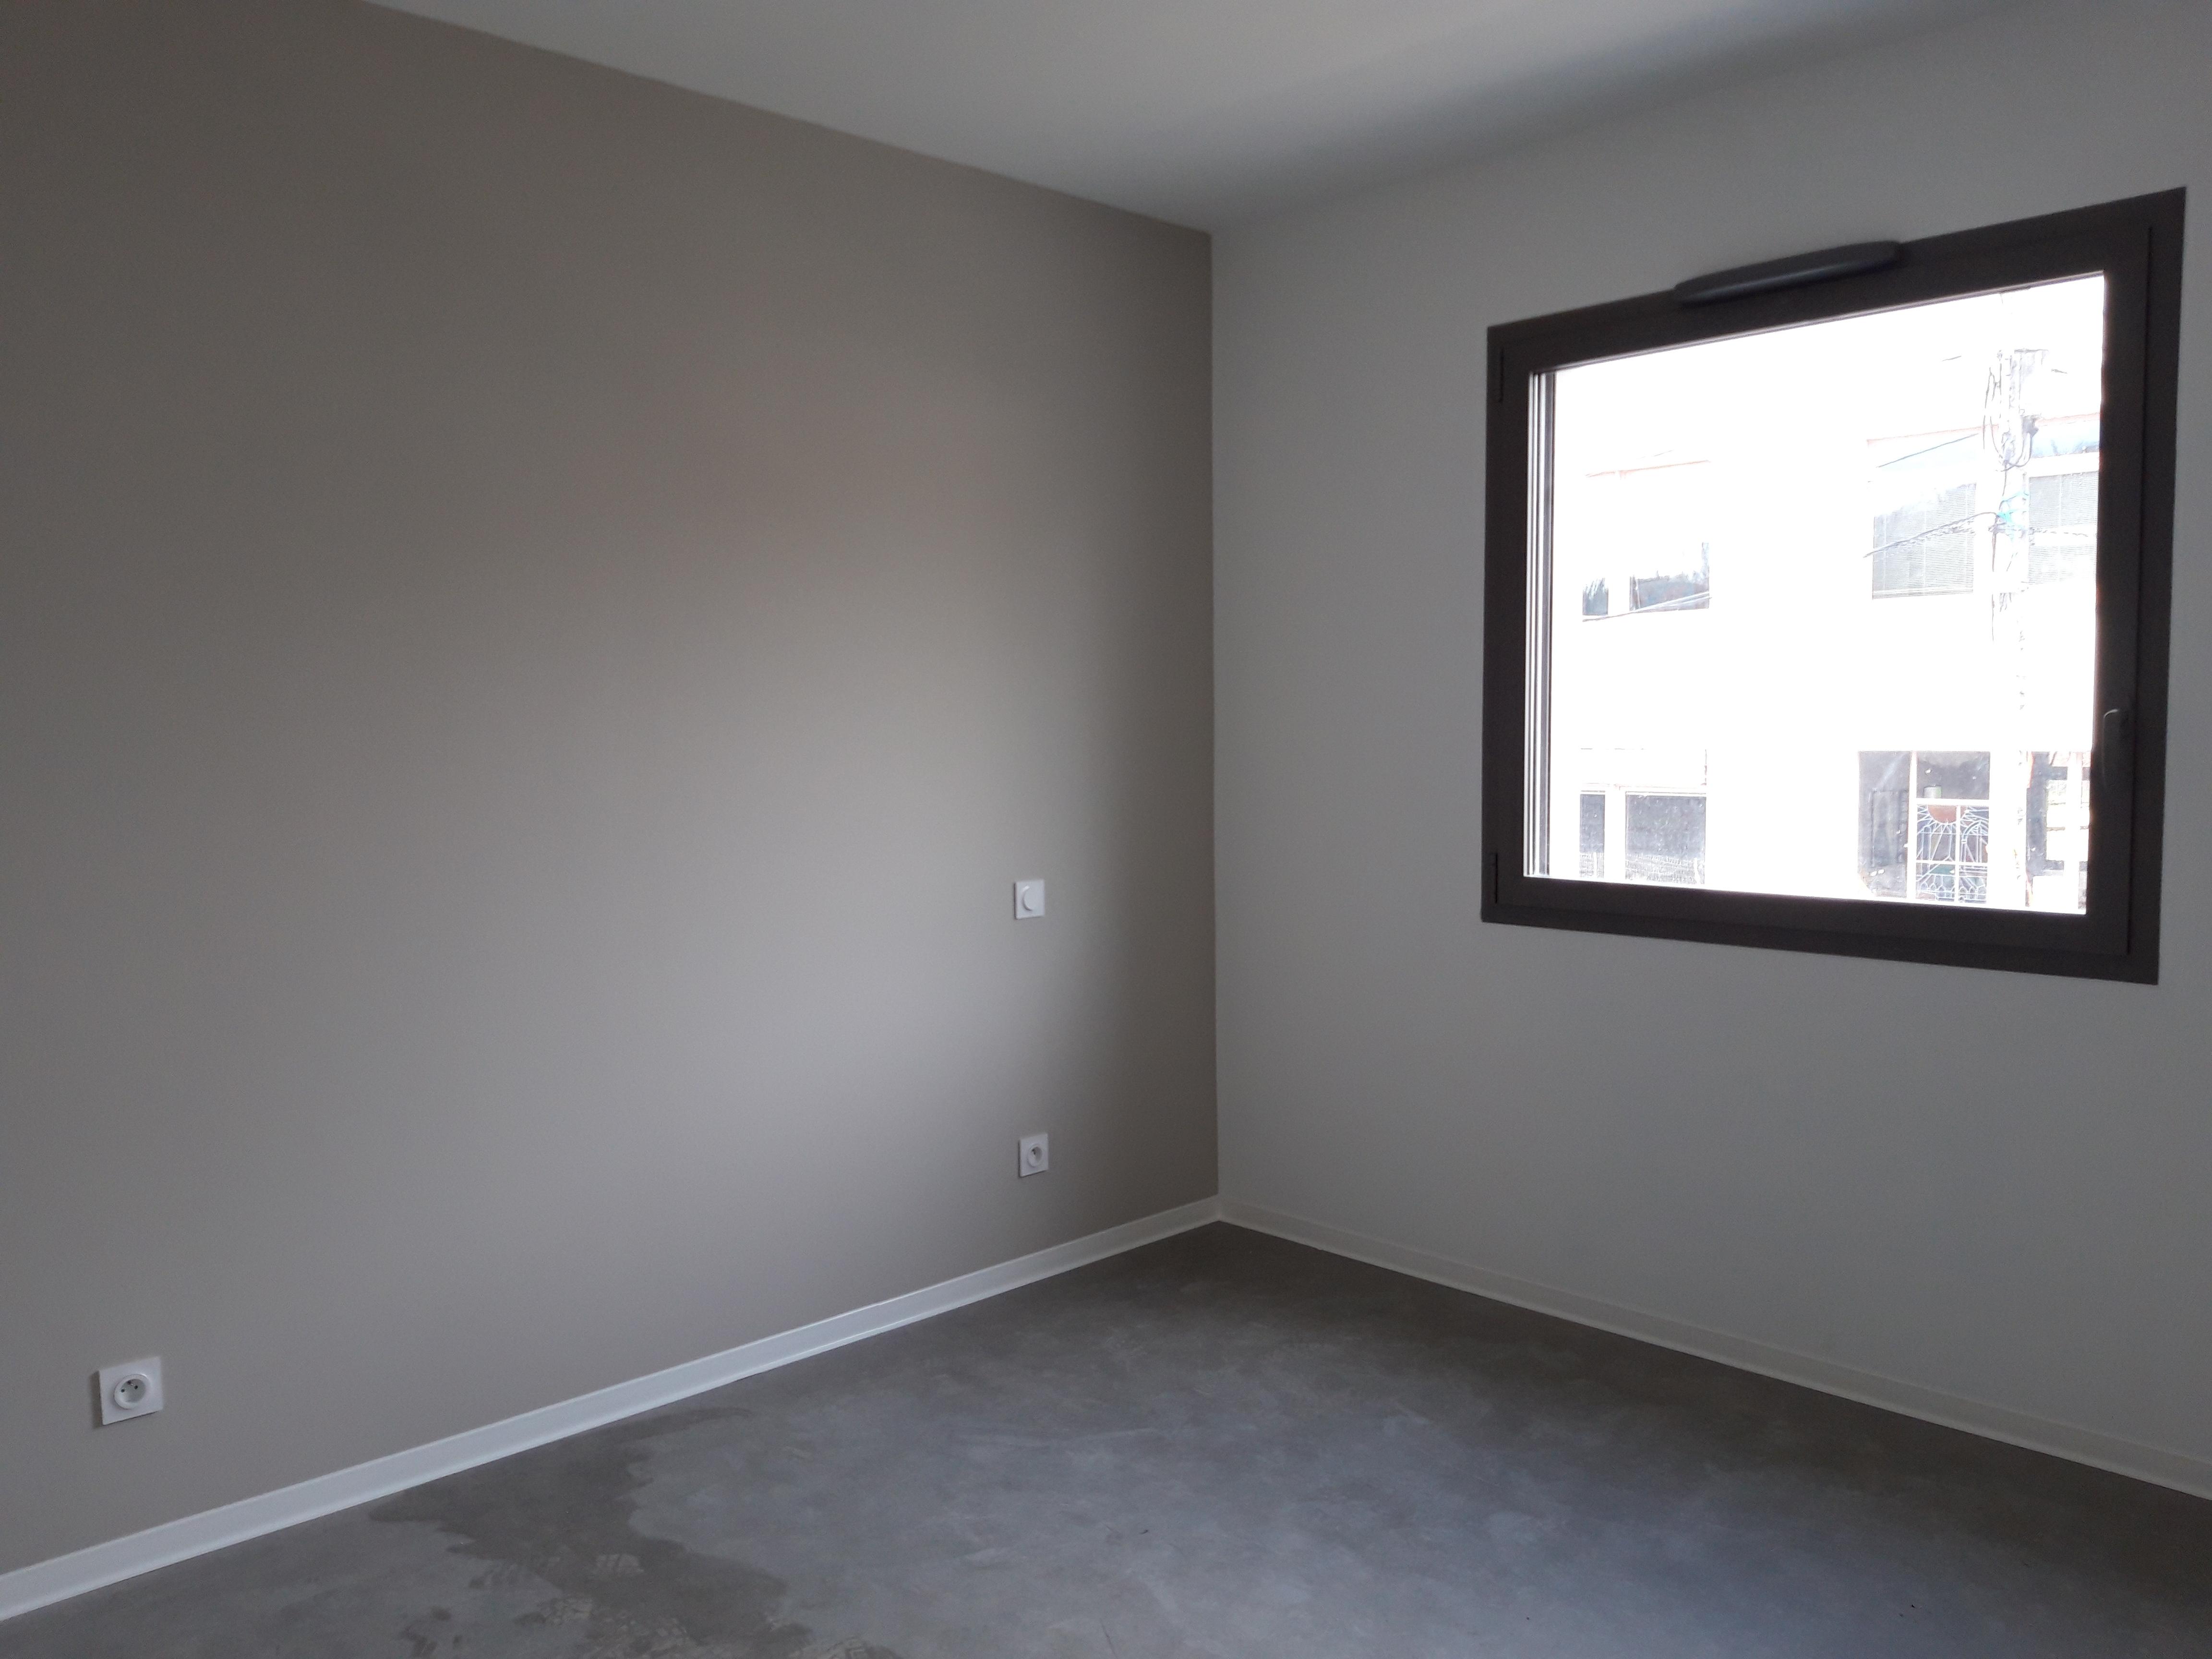 Appartement T2 meublé neuf à louer à FIGEAC